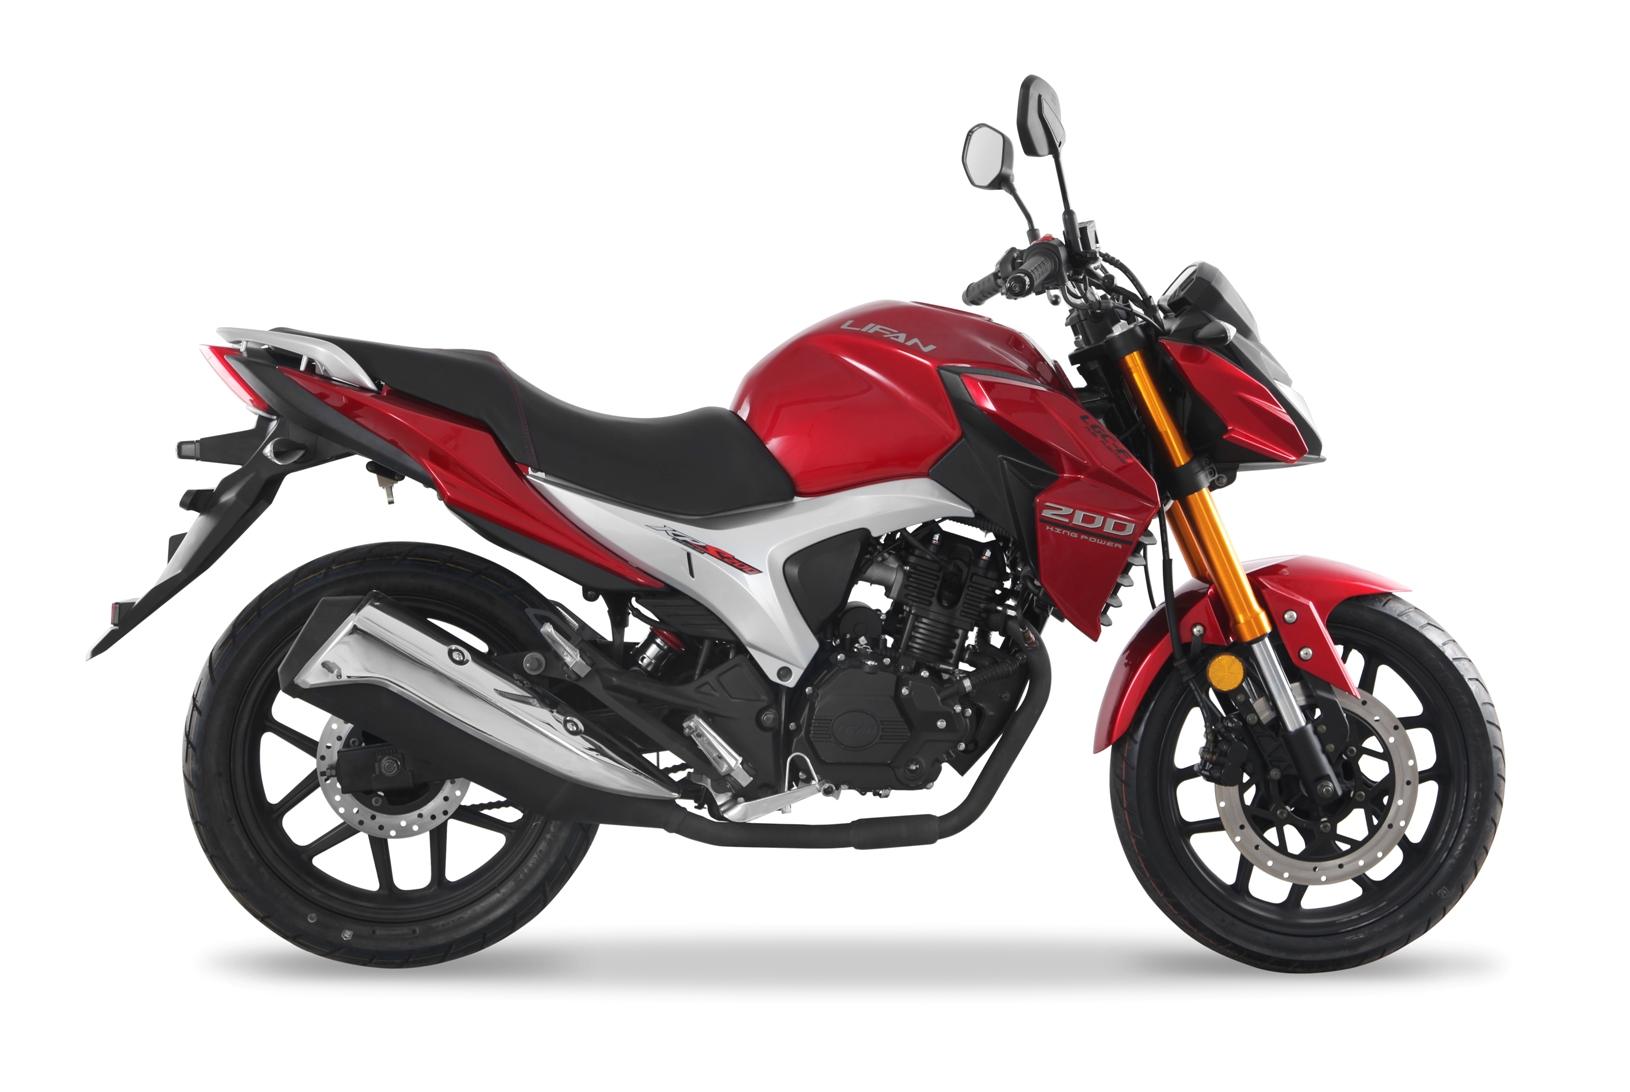 МОТОЦИКЛ LIFAN KPS (LF200-10R) ― Артмото - купить квадроцикл в украине и харькове, мотоцикл, снегоход, скутер, мопед, электромобиль